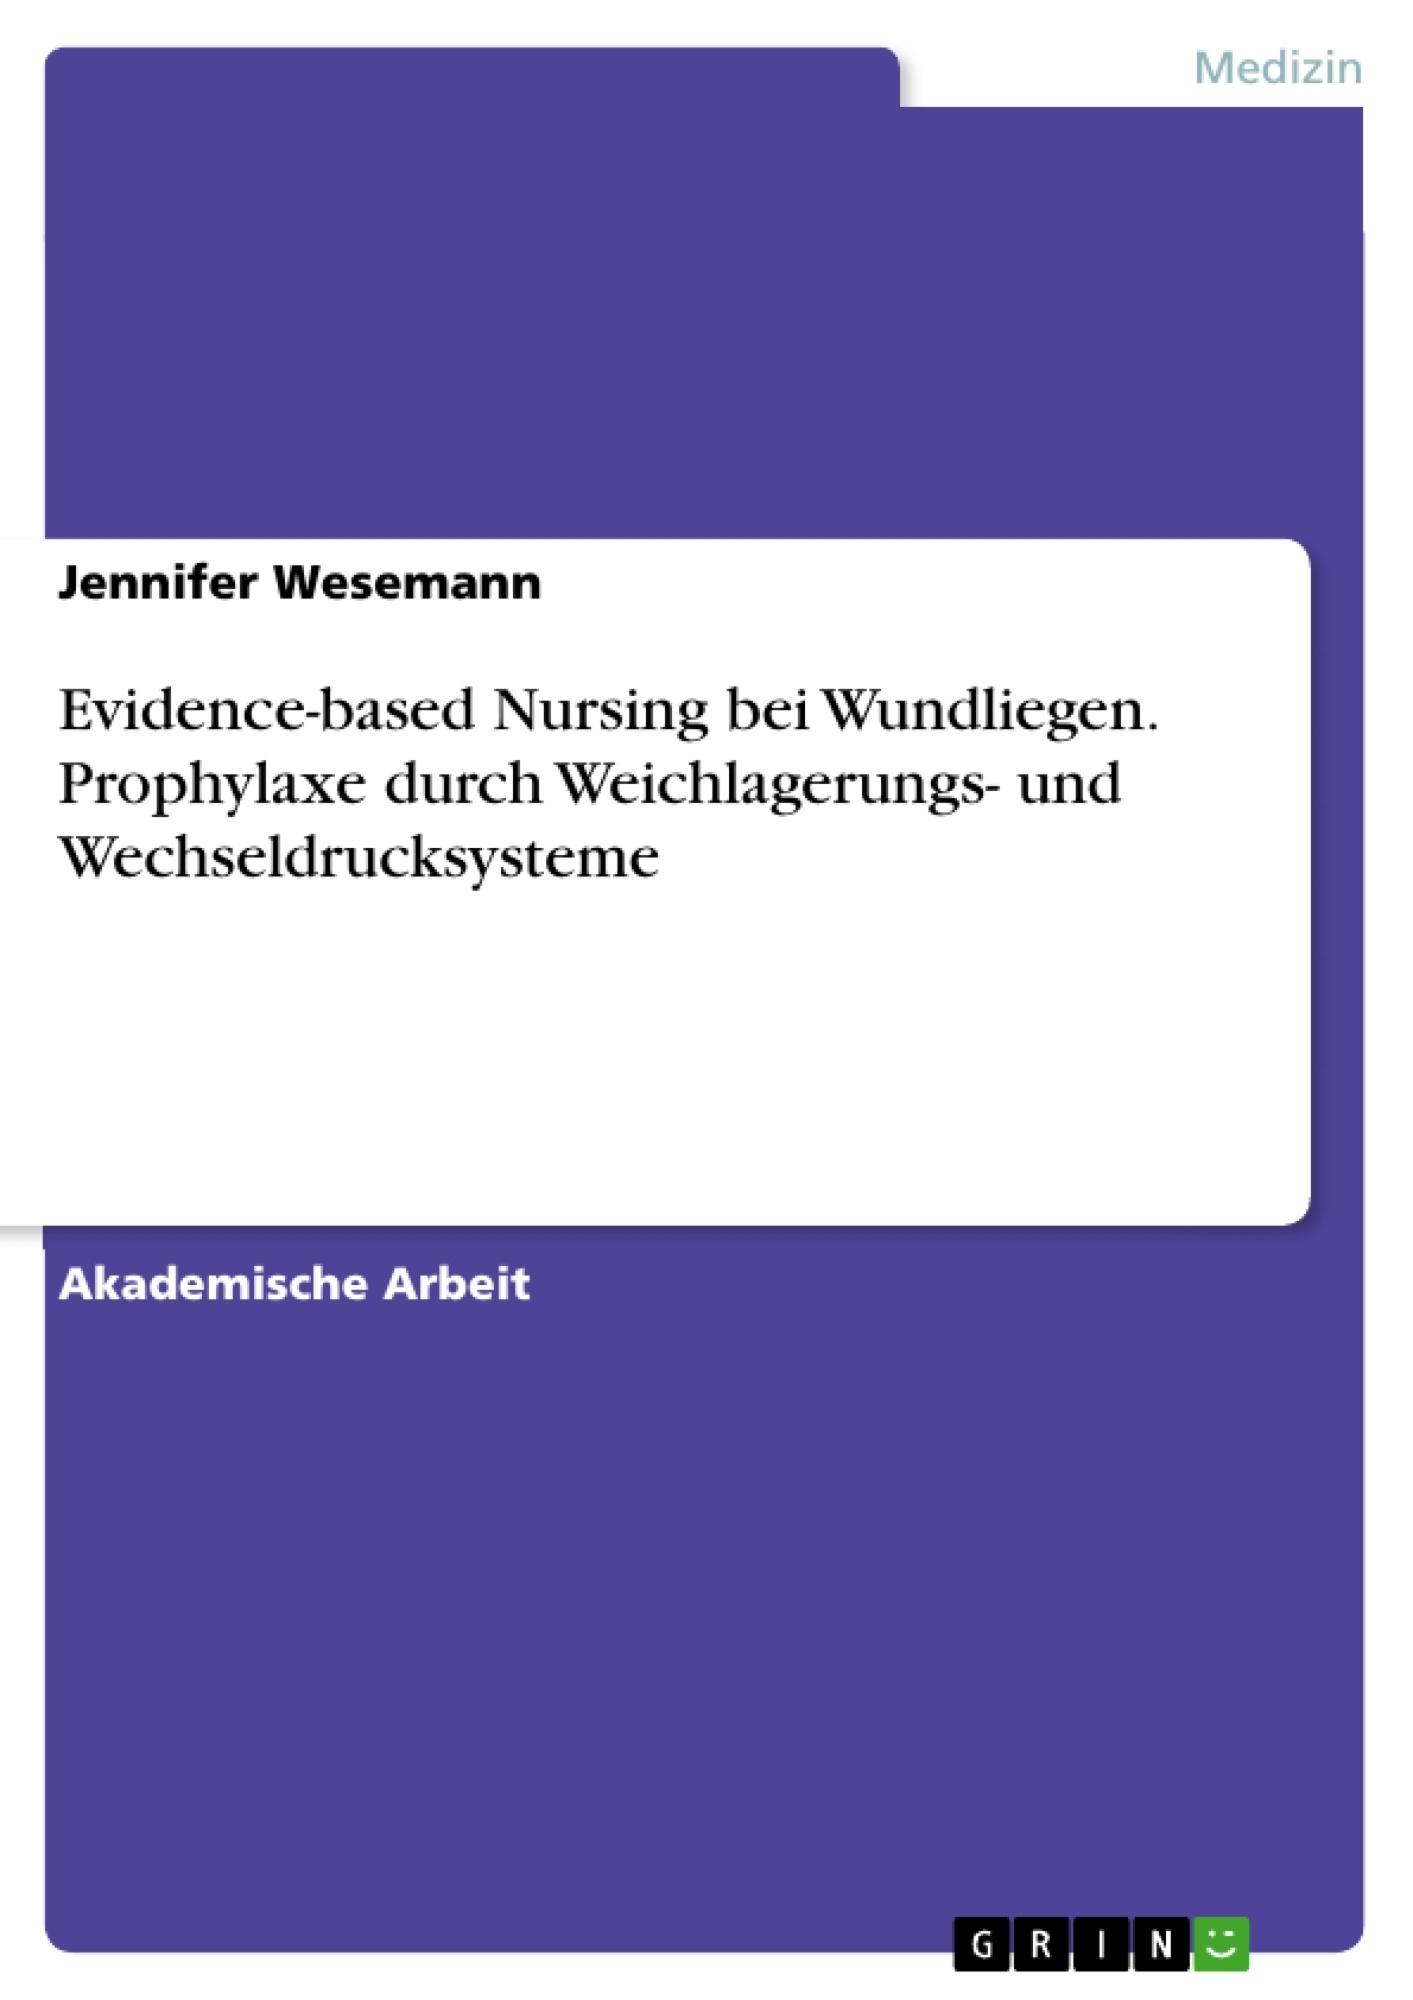 Titel: Evidence-based Nursing bei Wundliegen. Prophylaxe durch Weichlagerungs- und Wechseldrucksysteme